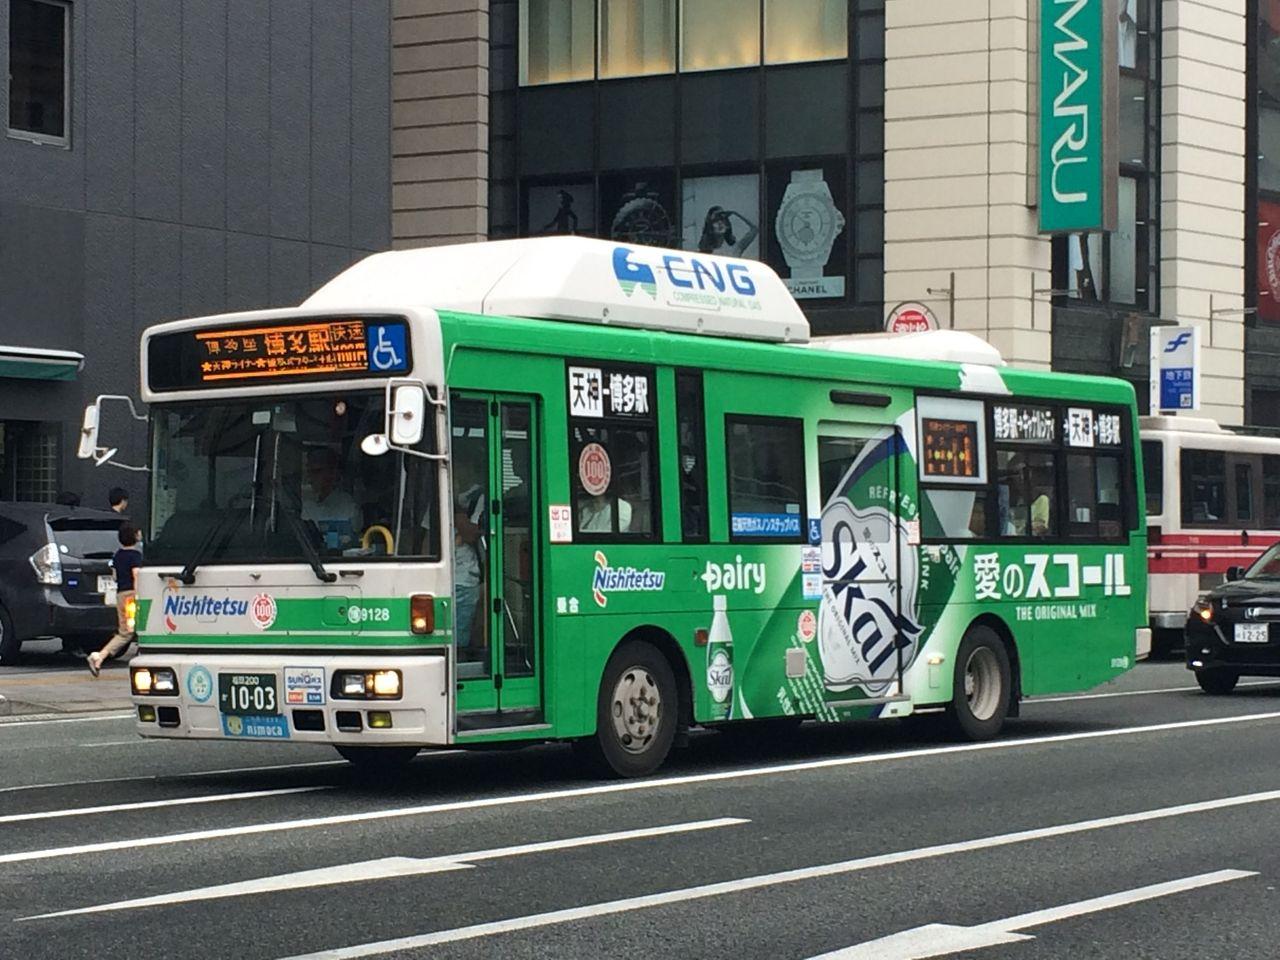 愛のスコールbus